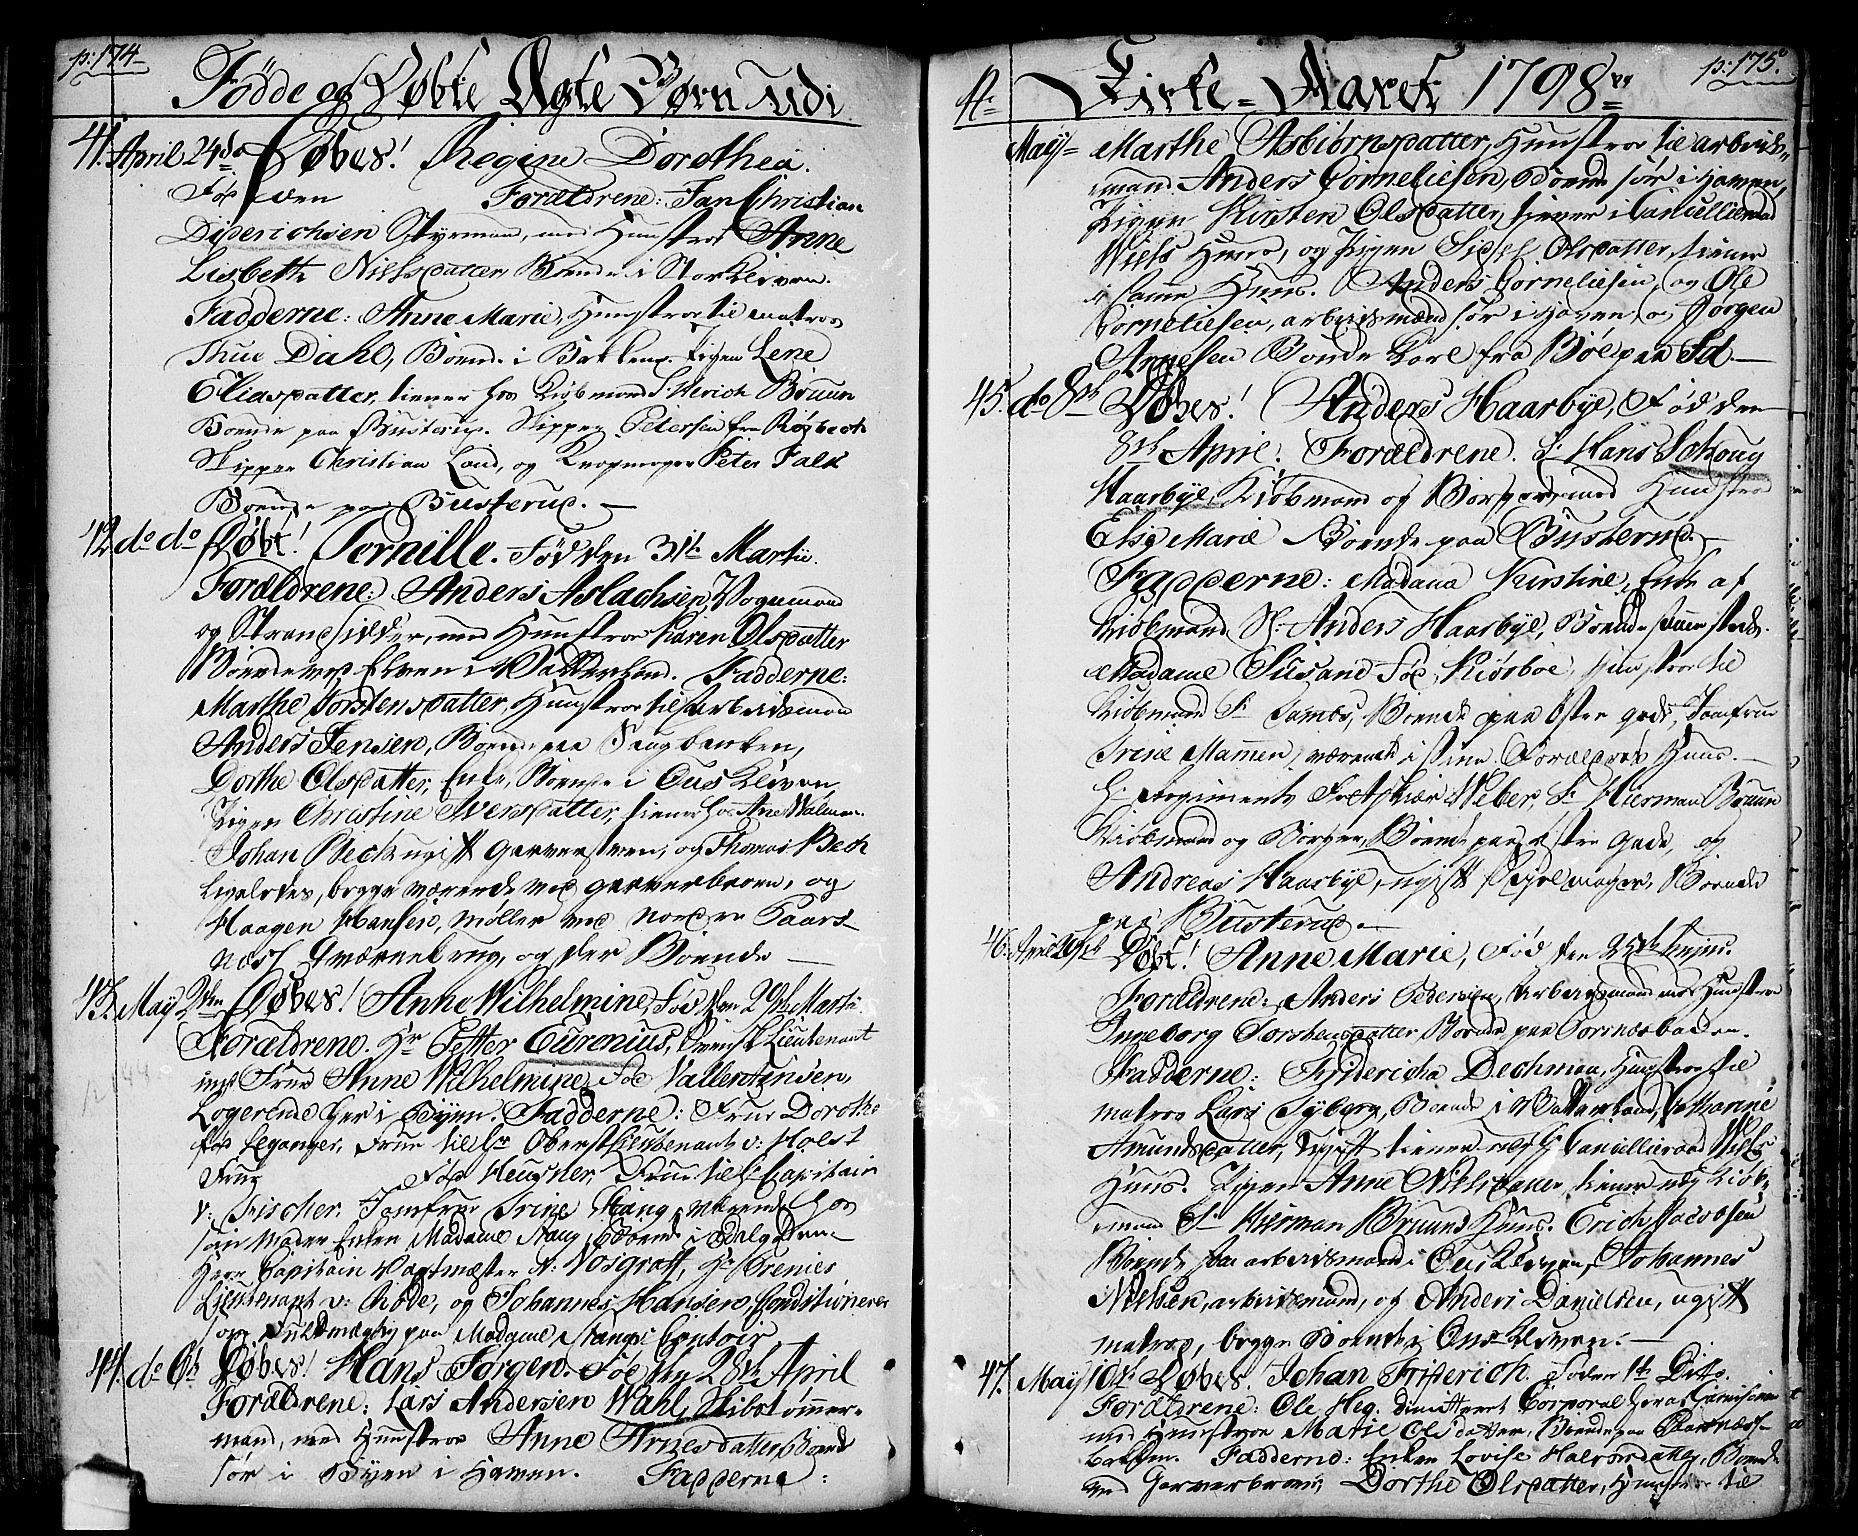 SAO, Halden prestekontor Kirkebøker, F/Fa/L0002: Ministerialbok nr. I 2, 1792-1812, s. 174-175